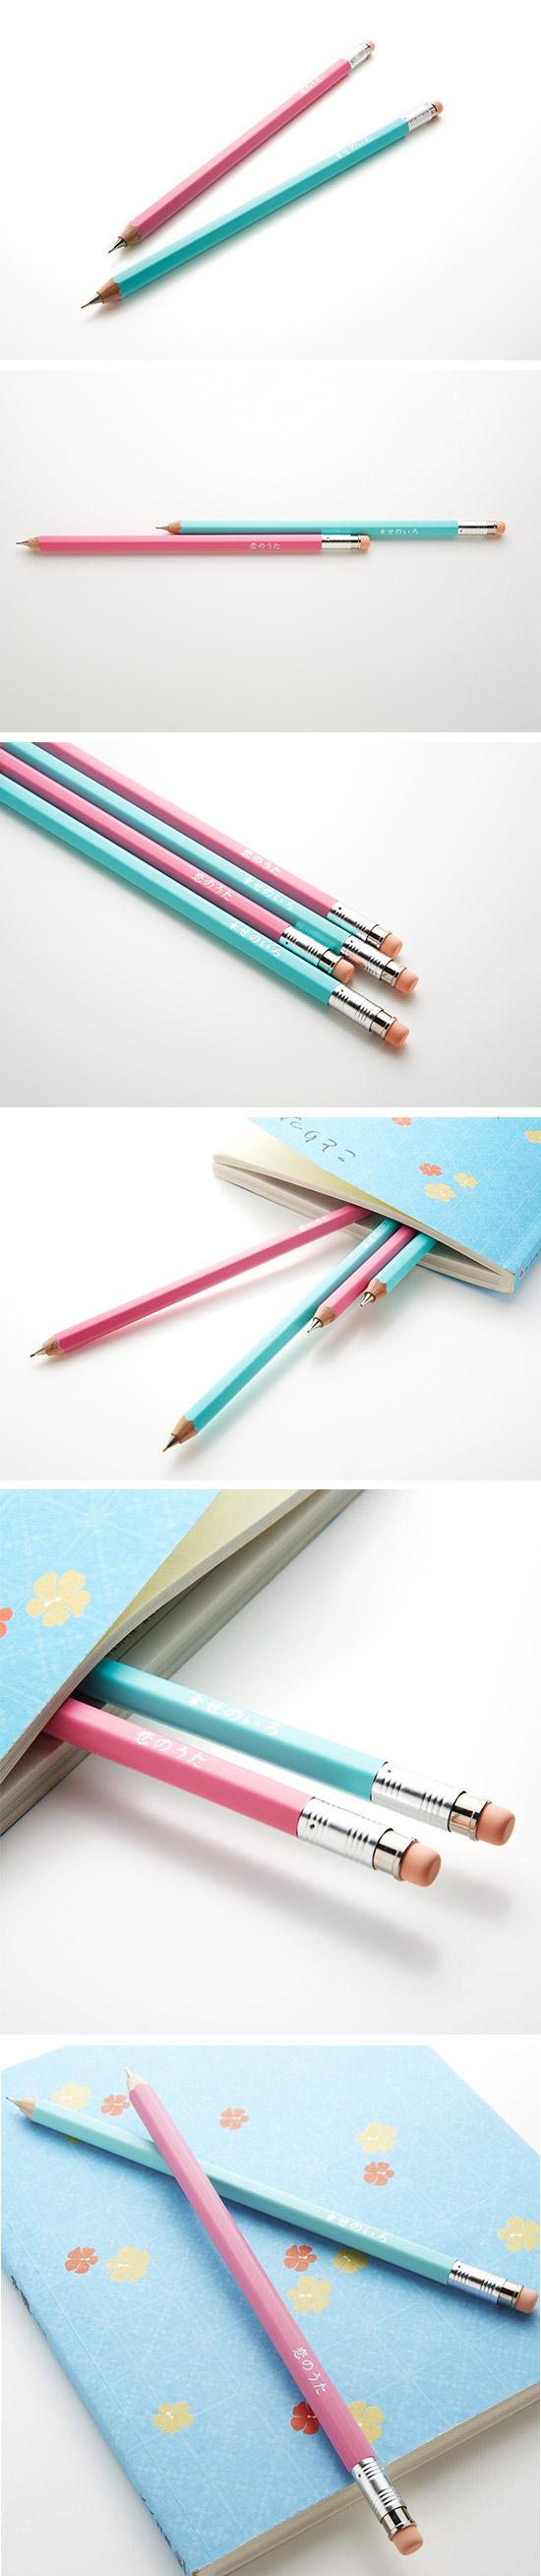 北星大人鉛筆 情境系列 幸福的顏色 (藍綠色)